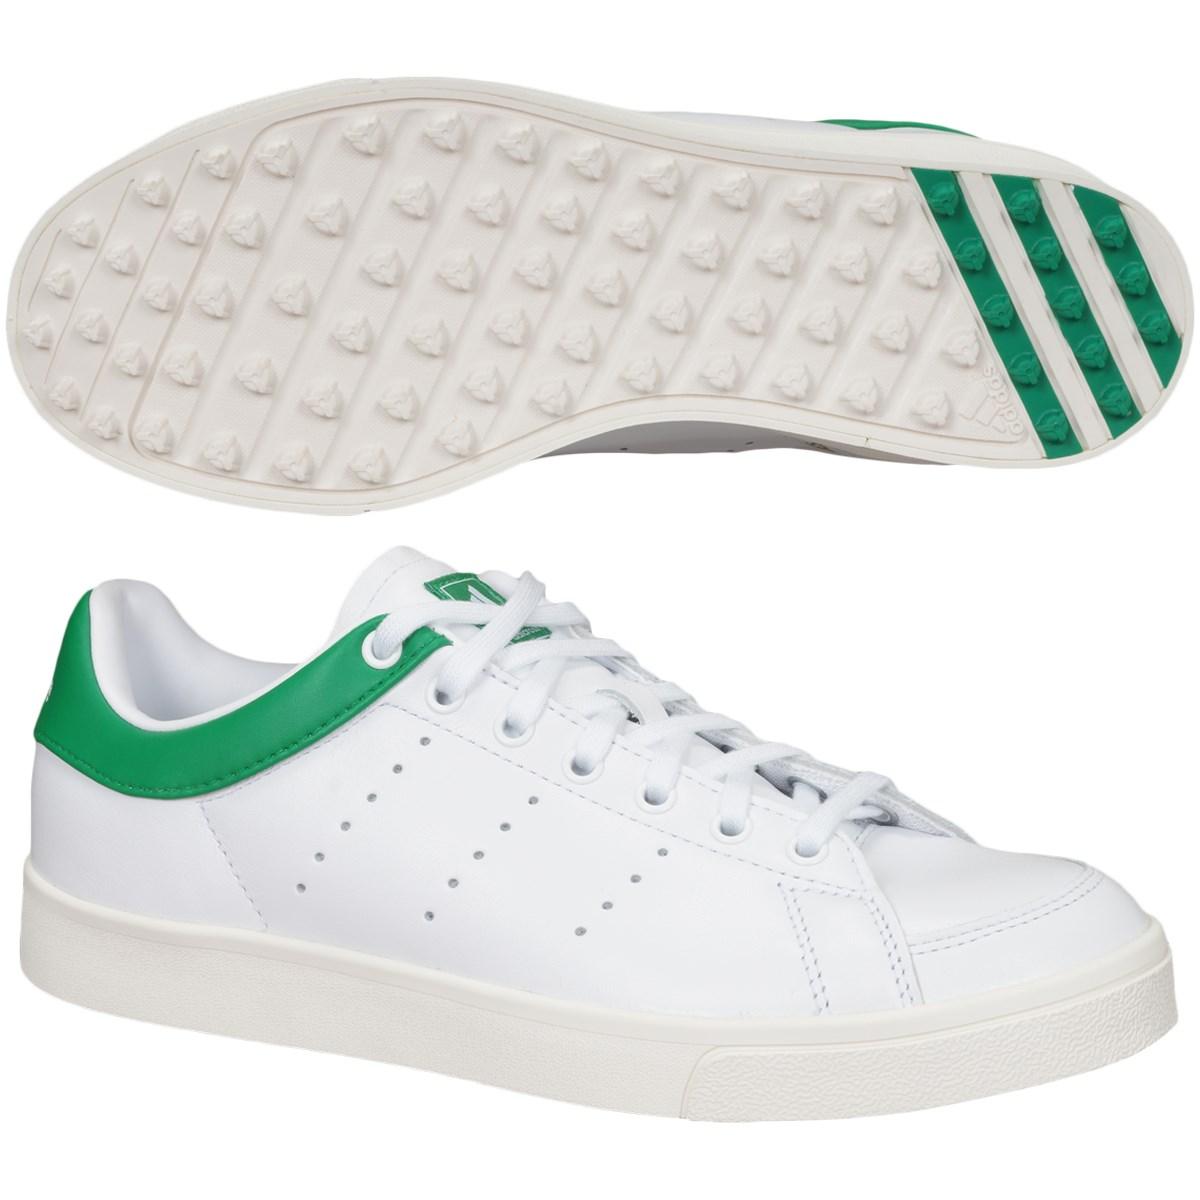 アディダス(adidas) アディクロス クラシックシューズレディス